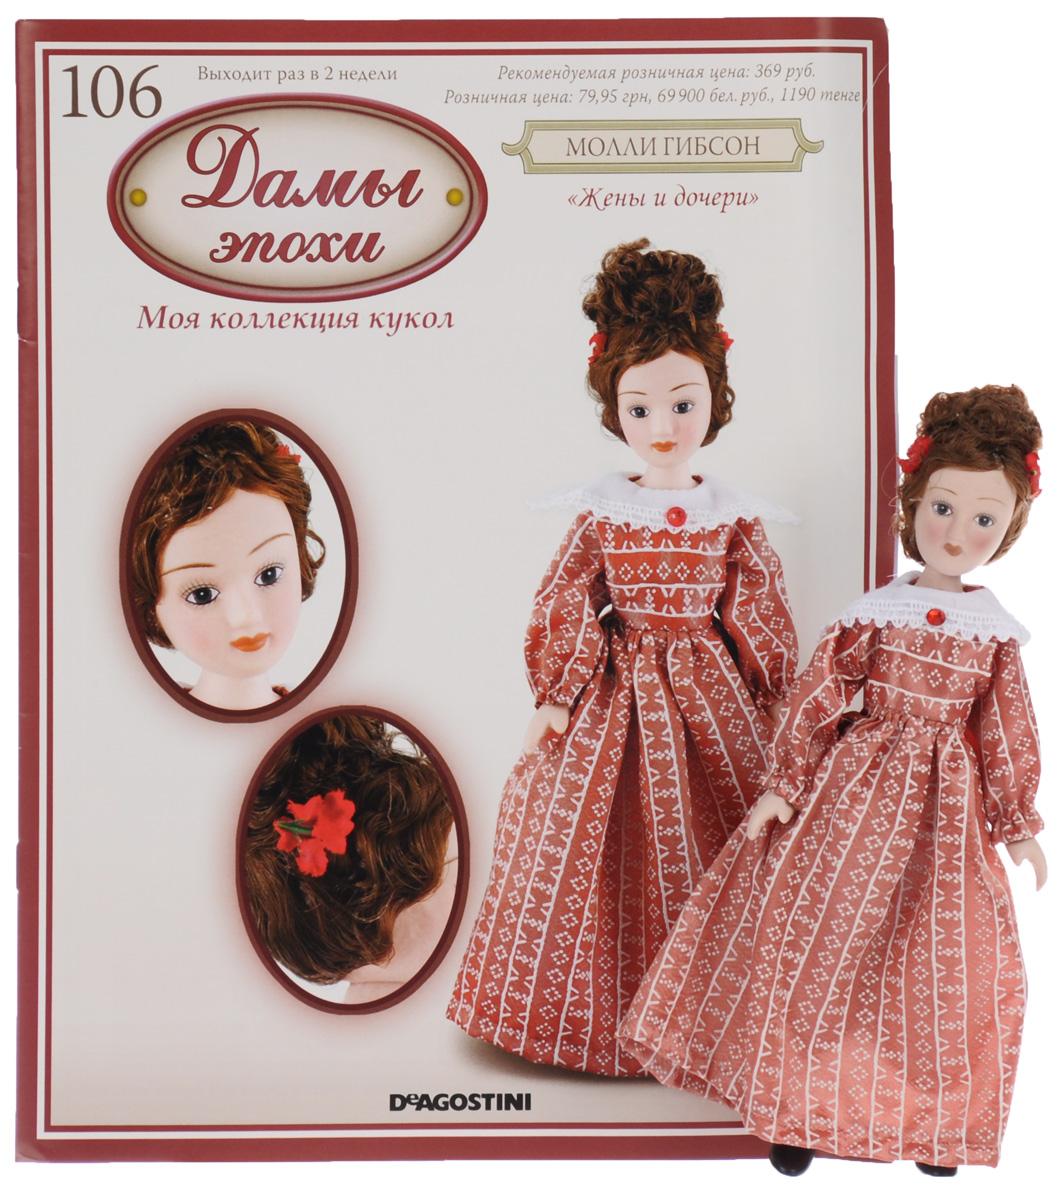 Журнал Дамы эпохи. Моя коллекция кукол №106DAMES106Журнальная серия Дамы эпохи. Моя коллекция кукол будет интересна всем людям, увлекающимся костюмами героинь величайших романов всех времен и народов, коллекционированием кукол. К каждому выпуску прилагается коллекционная фарфоровая кукла, изготовленная по мотивам великих литературных произведений. Каждая кукла представлена в образе героини всемирно известного романа, которая с точностью воссоздает и отражает эпоху, к которой принадлежит. К данному выпуску прилагается кукла ручной работы в образе Молли Гибсон, героини романа Элизабет Гаскелл Жены и дочери. Кукла упакована в коробку. Высота куклы: 19 см. Категория 16+.